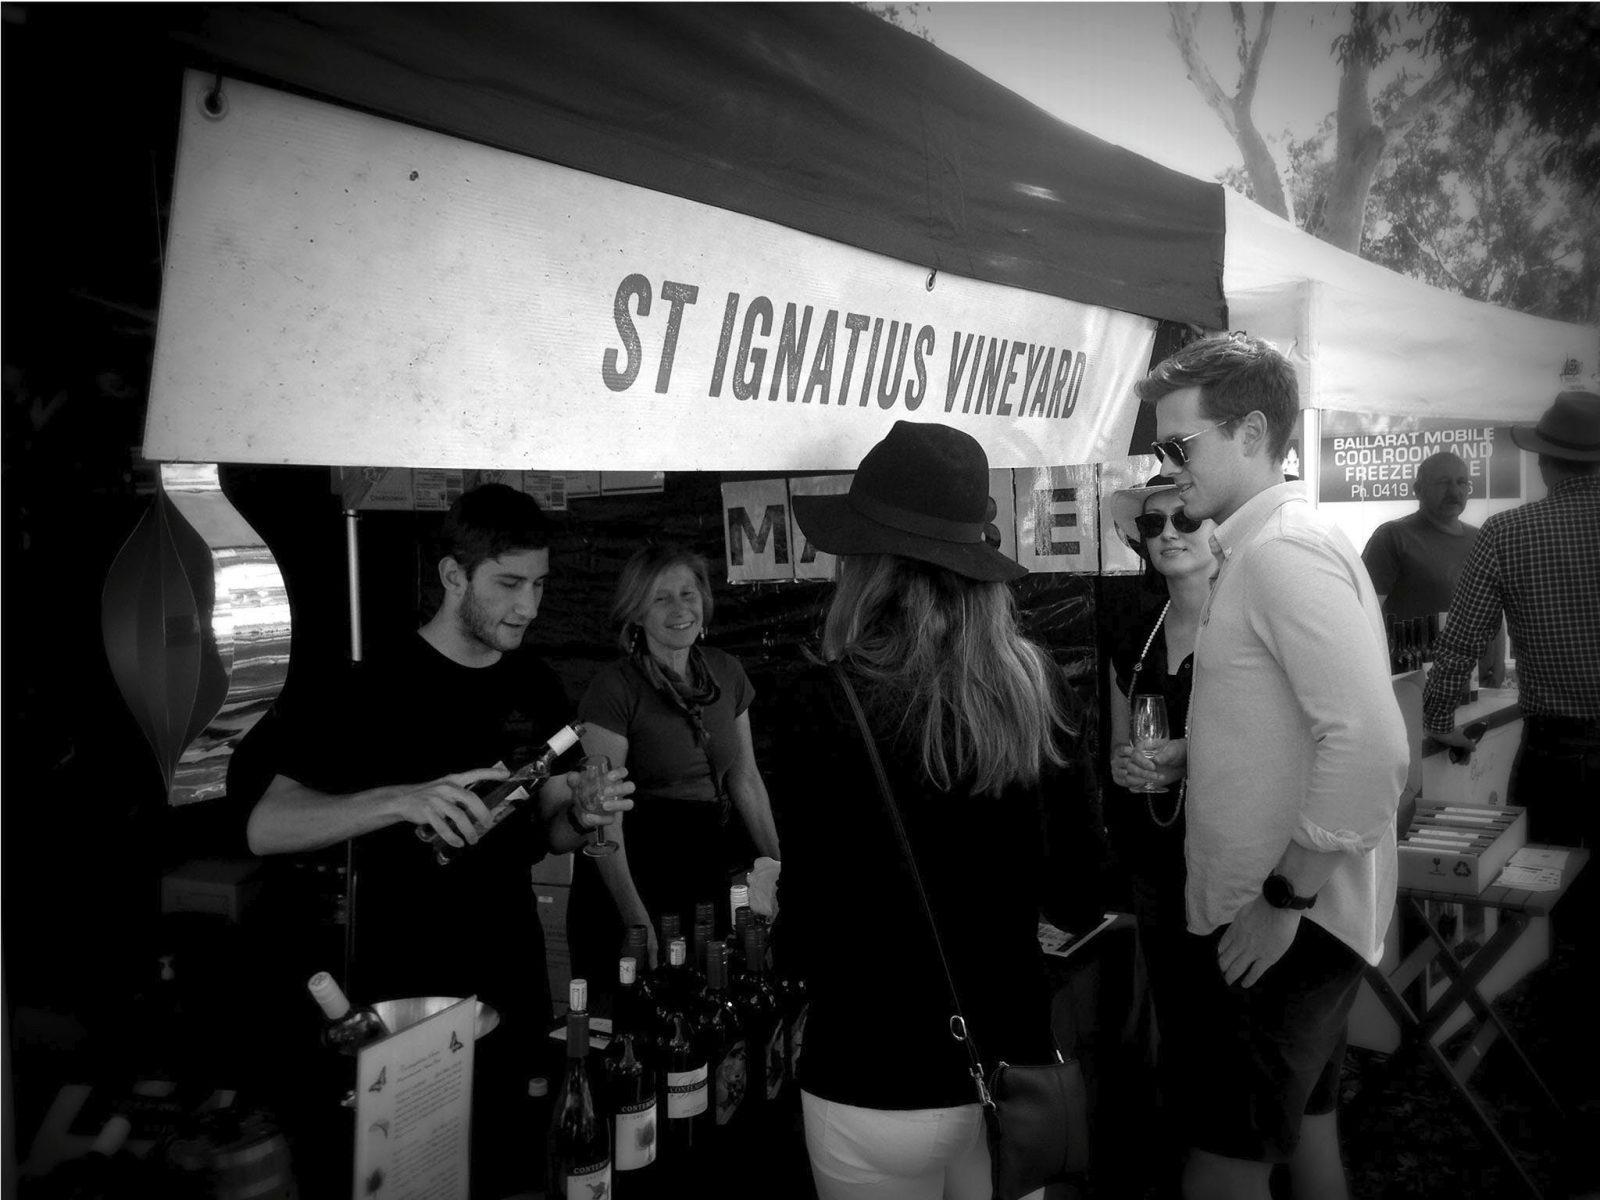 St Ignatius Team offering wine tastings to customers